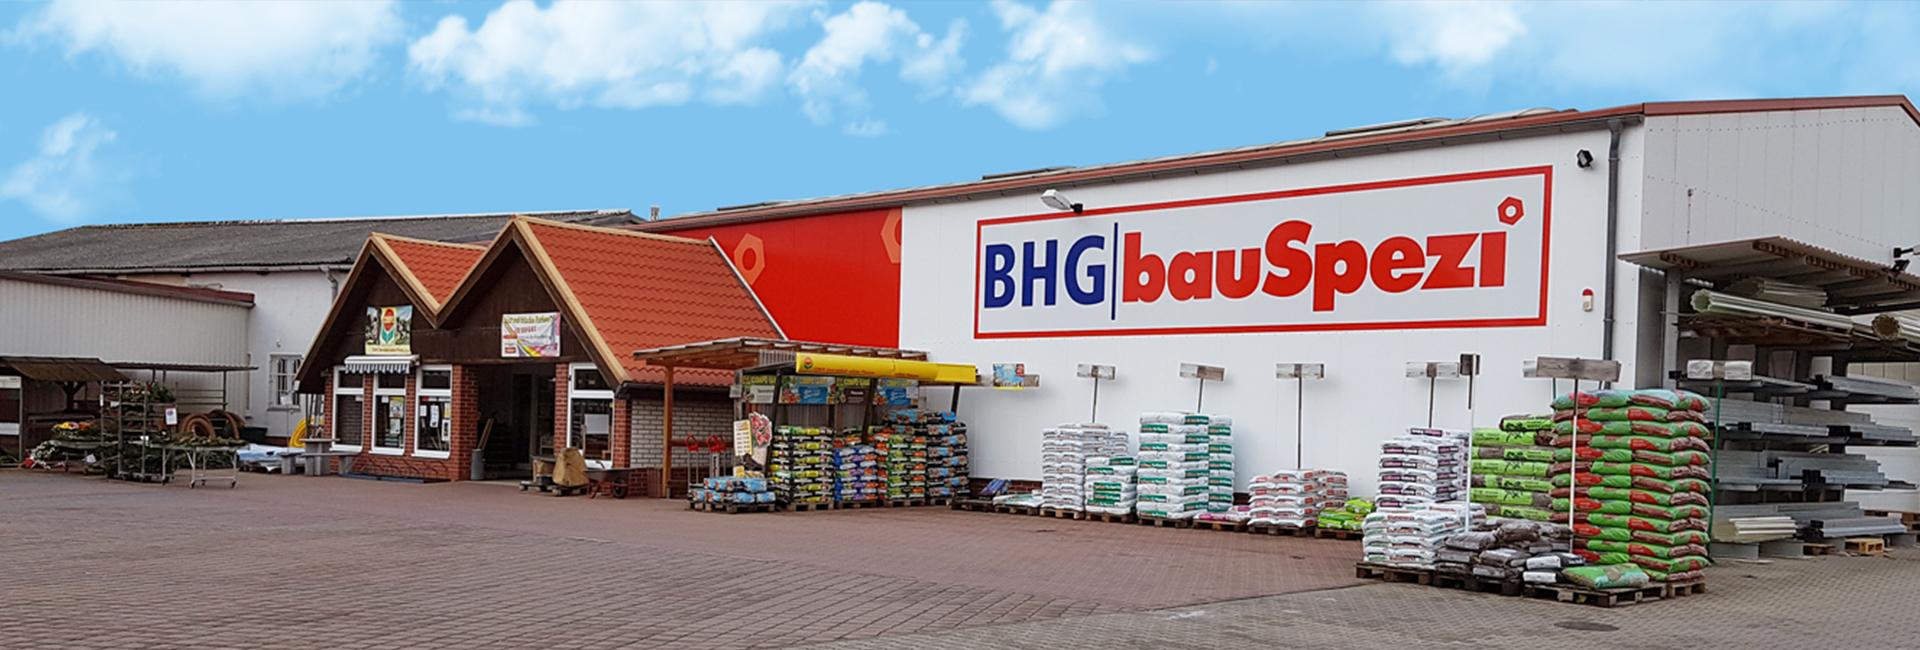 Umbau im bauSpezi Baumarkt in Gommern